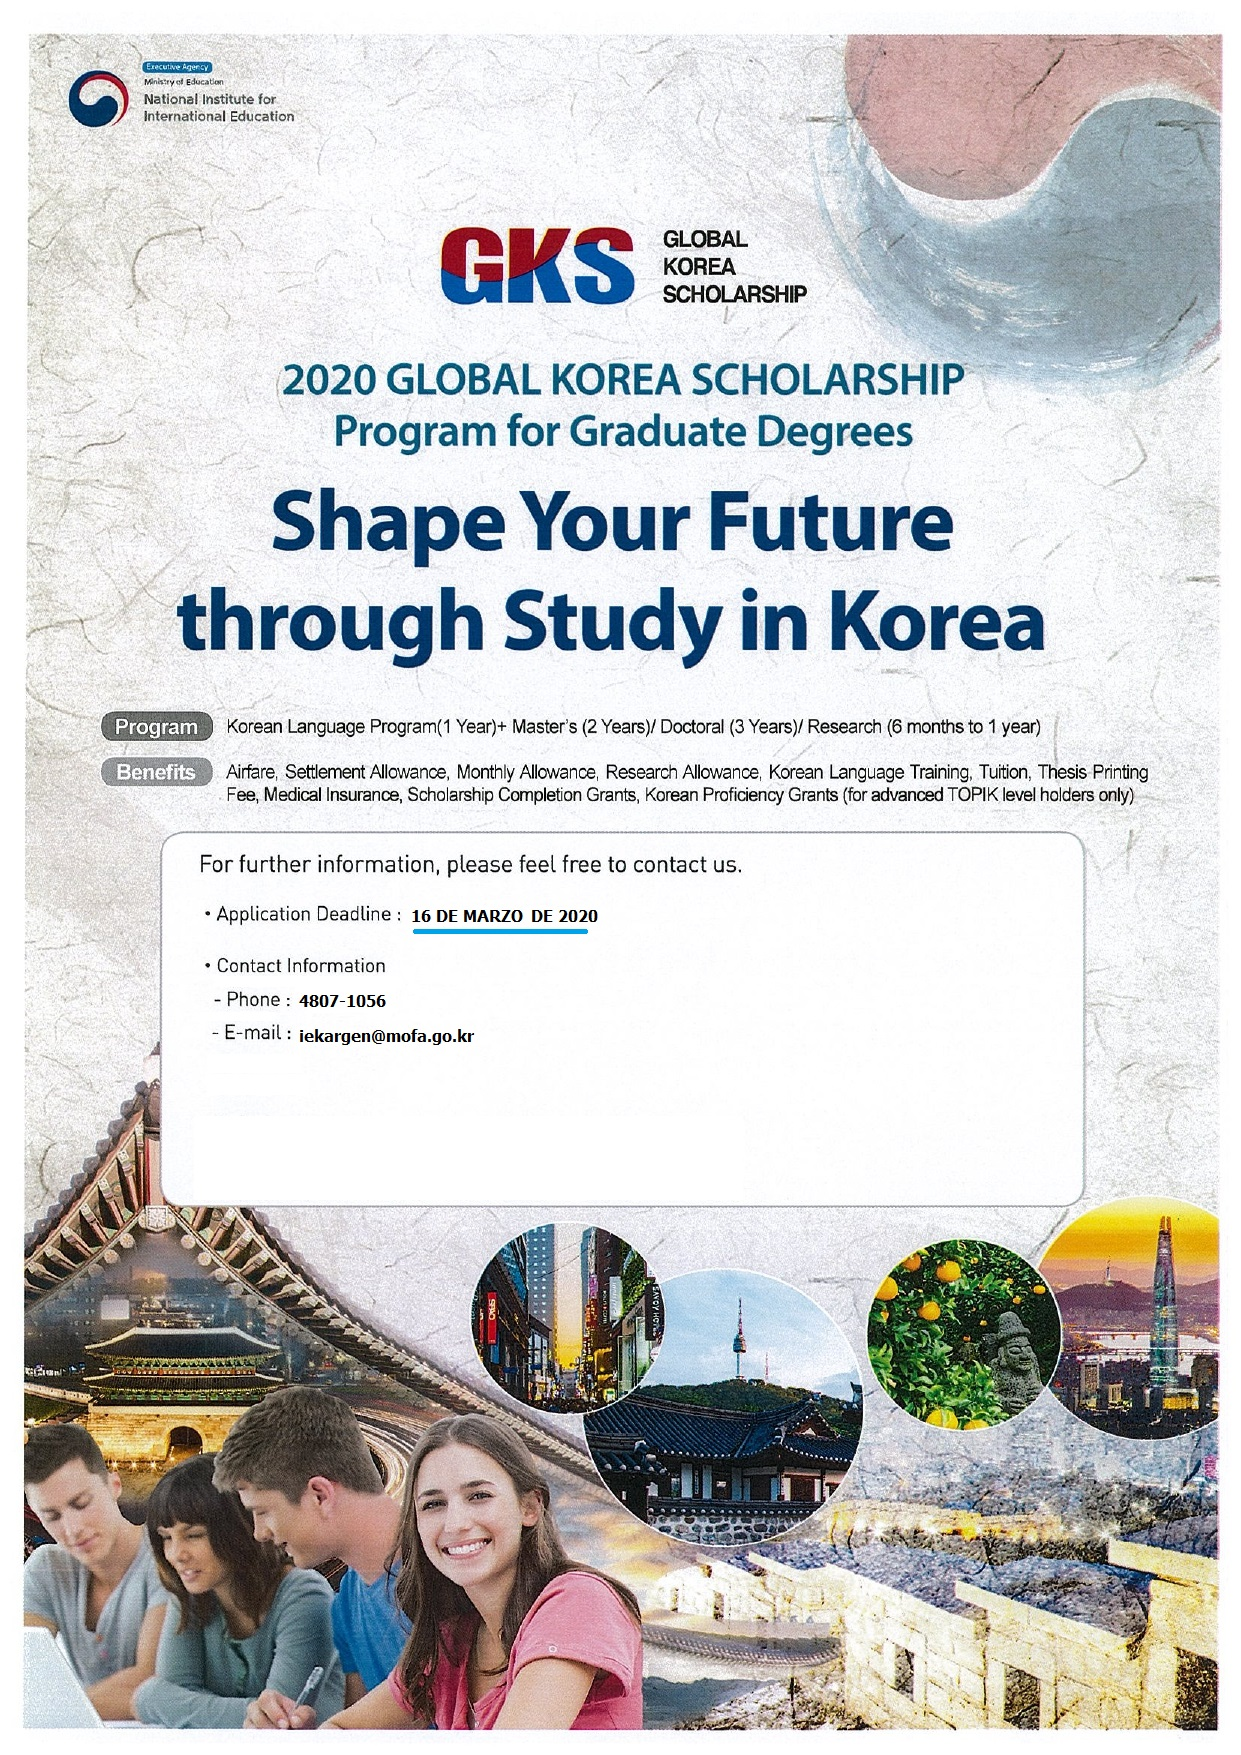 [붙임6]2020 GKS-G 장학생 선발 포스터.jpg